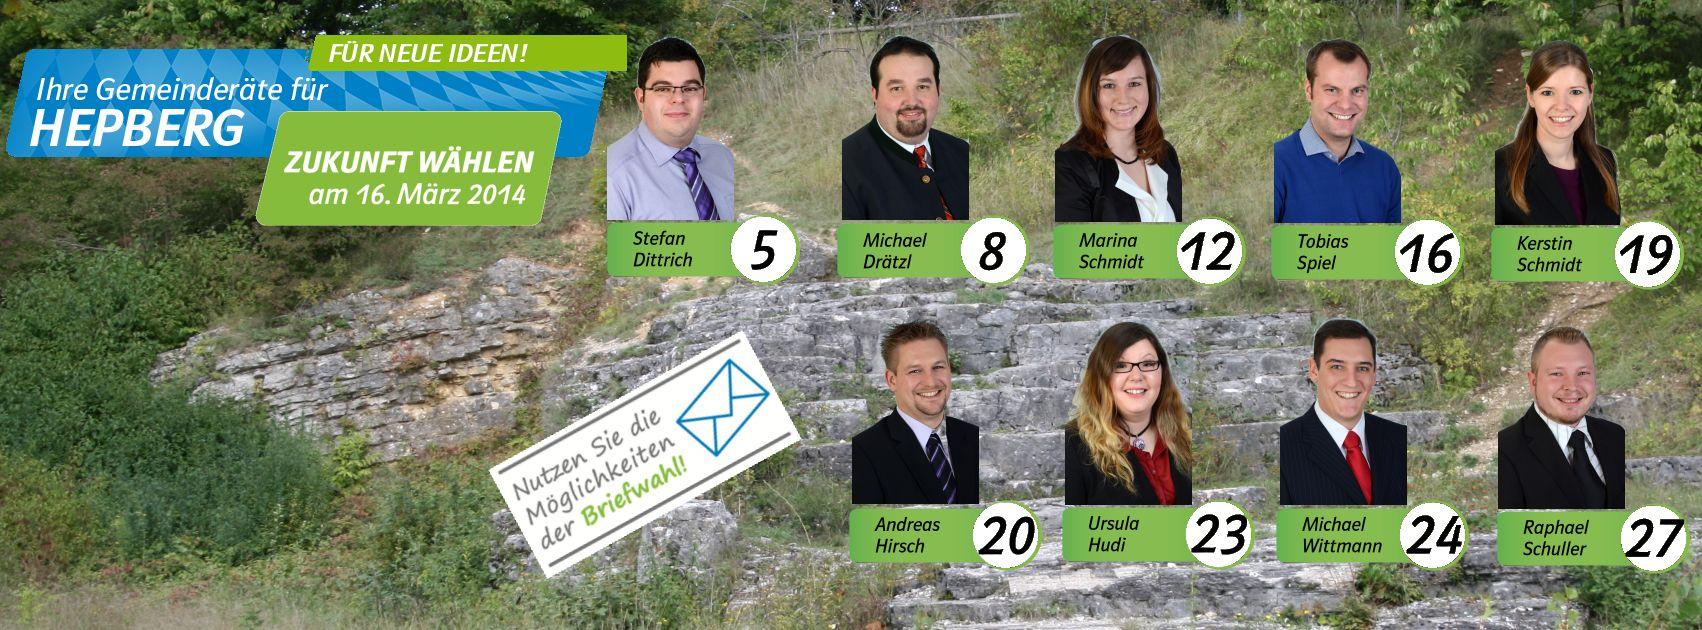 Gemeinderatskandidaten Kommunalwahl Hepberg 2014